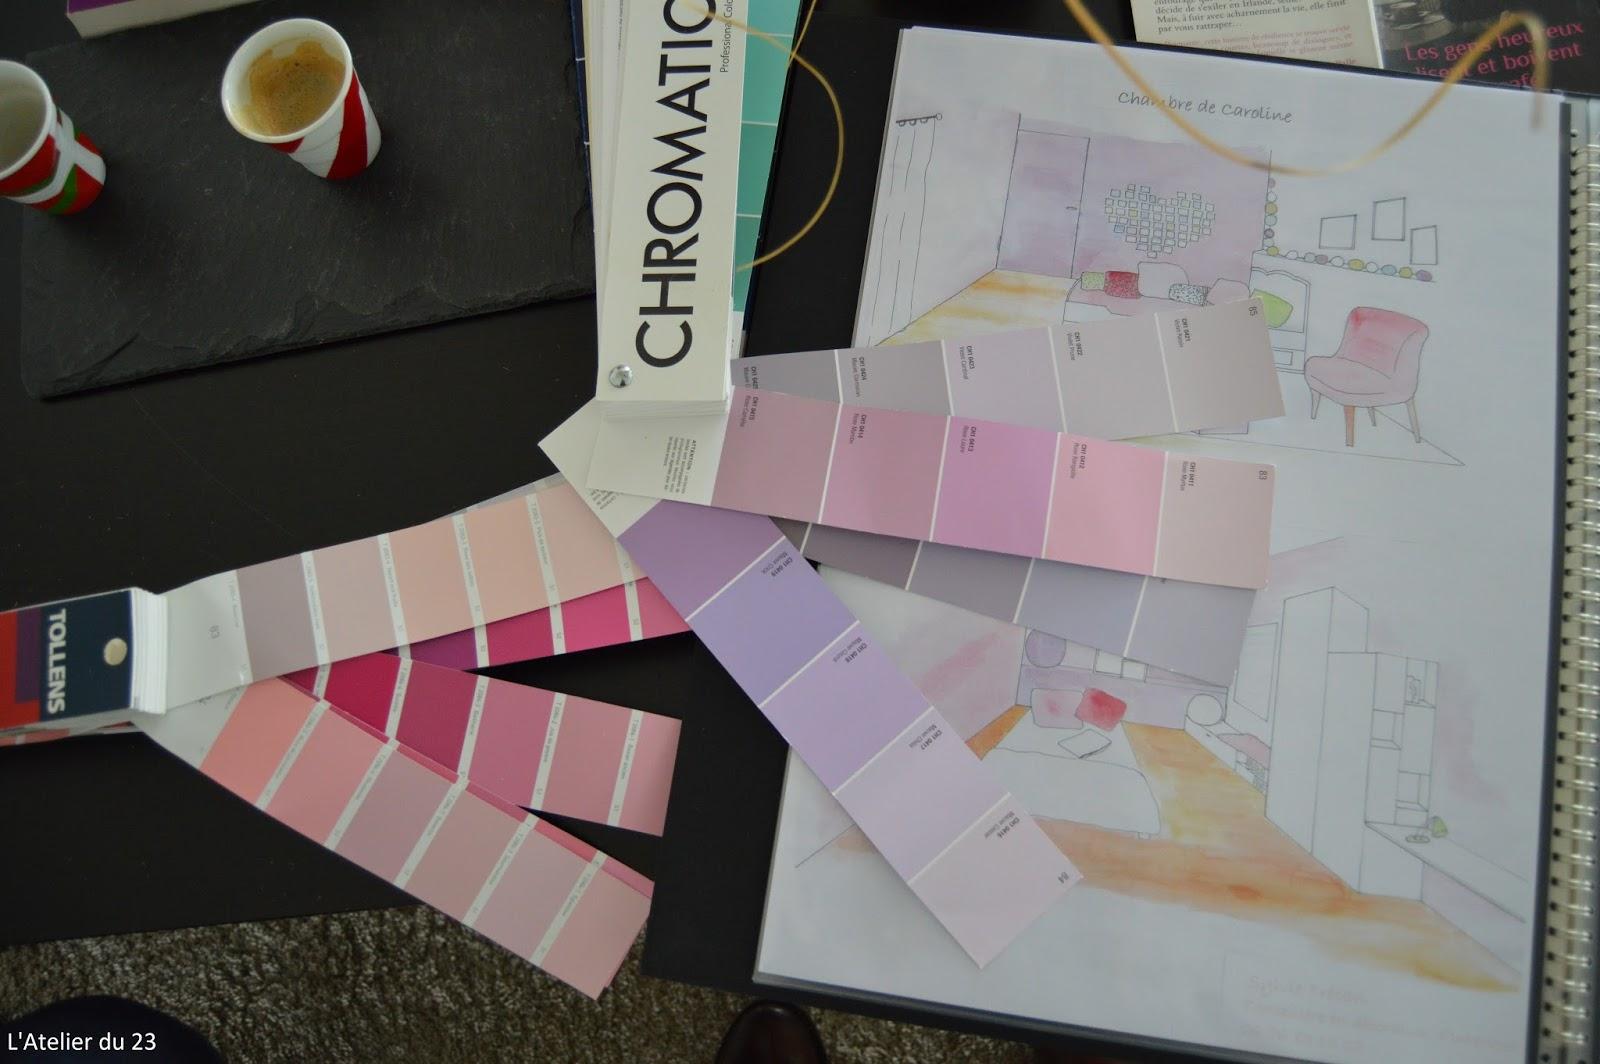 L 39 atelier du 23 choix des peintures pour les chambres de lara et caroline - Choix de peinture pour chambre ...